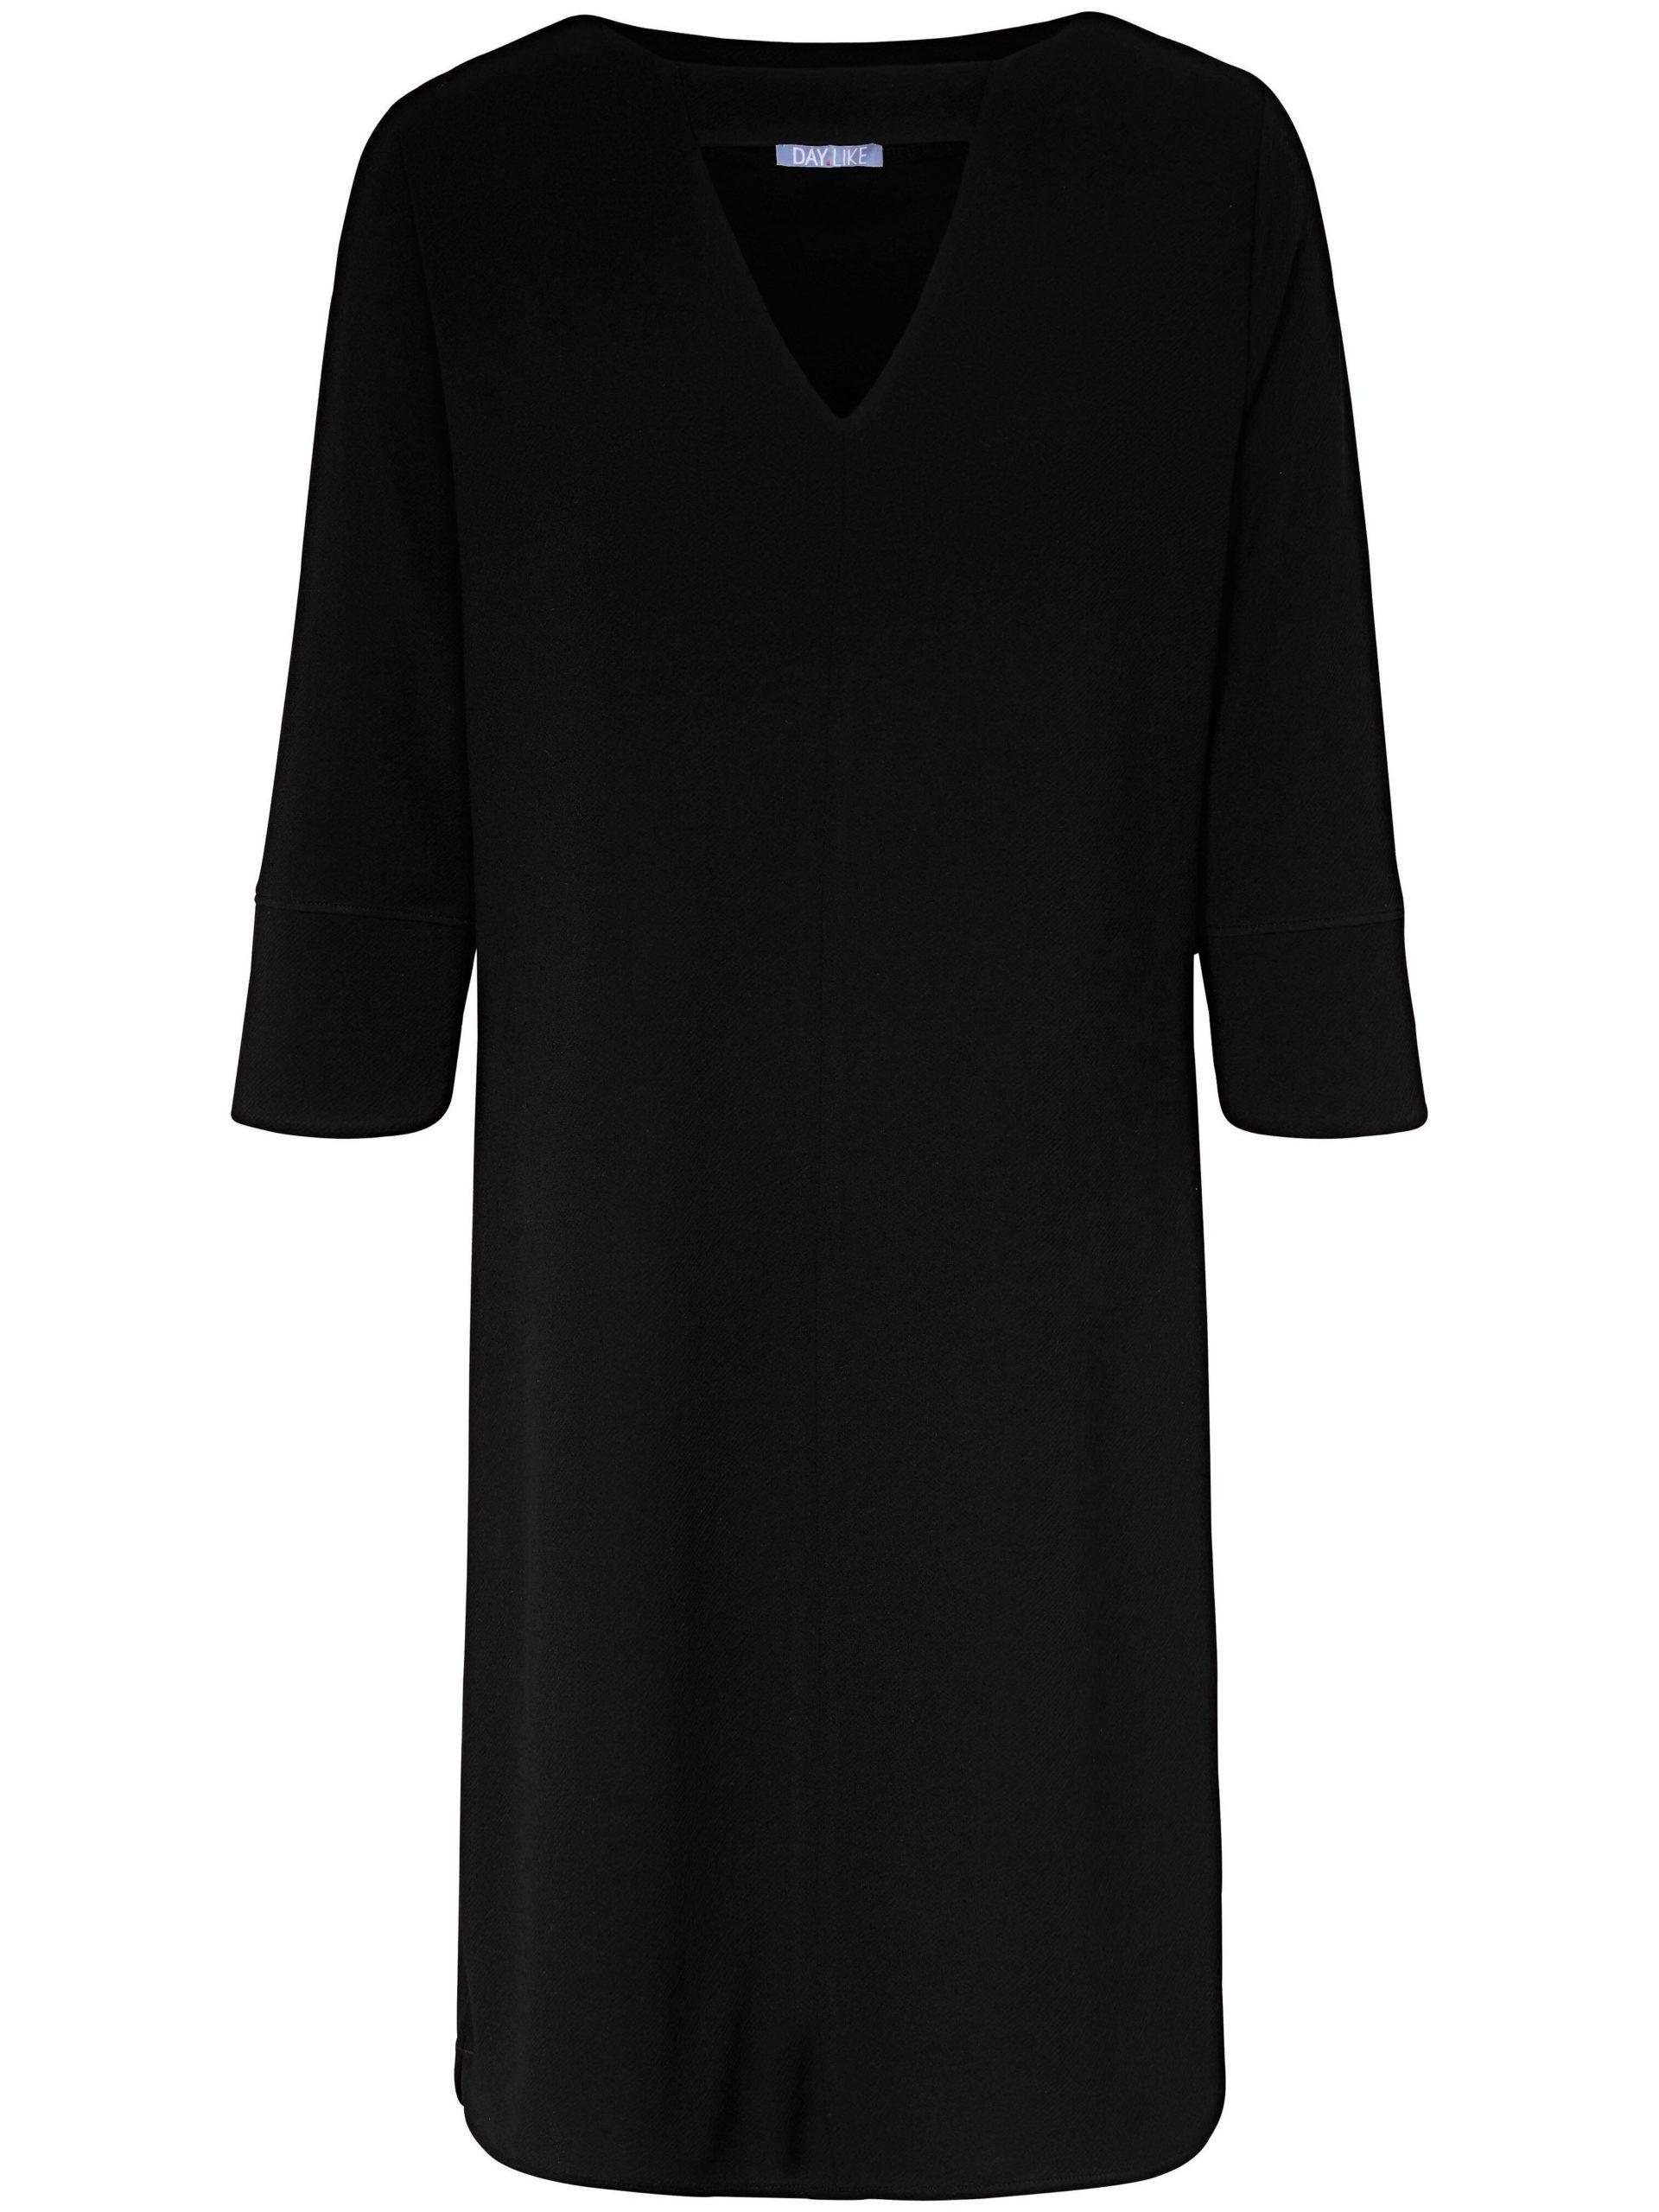 Jerseyjurk met 3/4 mouwen Van DAY.LIKE zwart Kopen